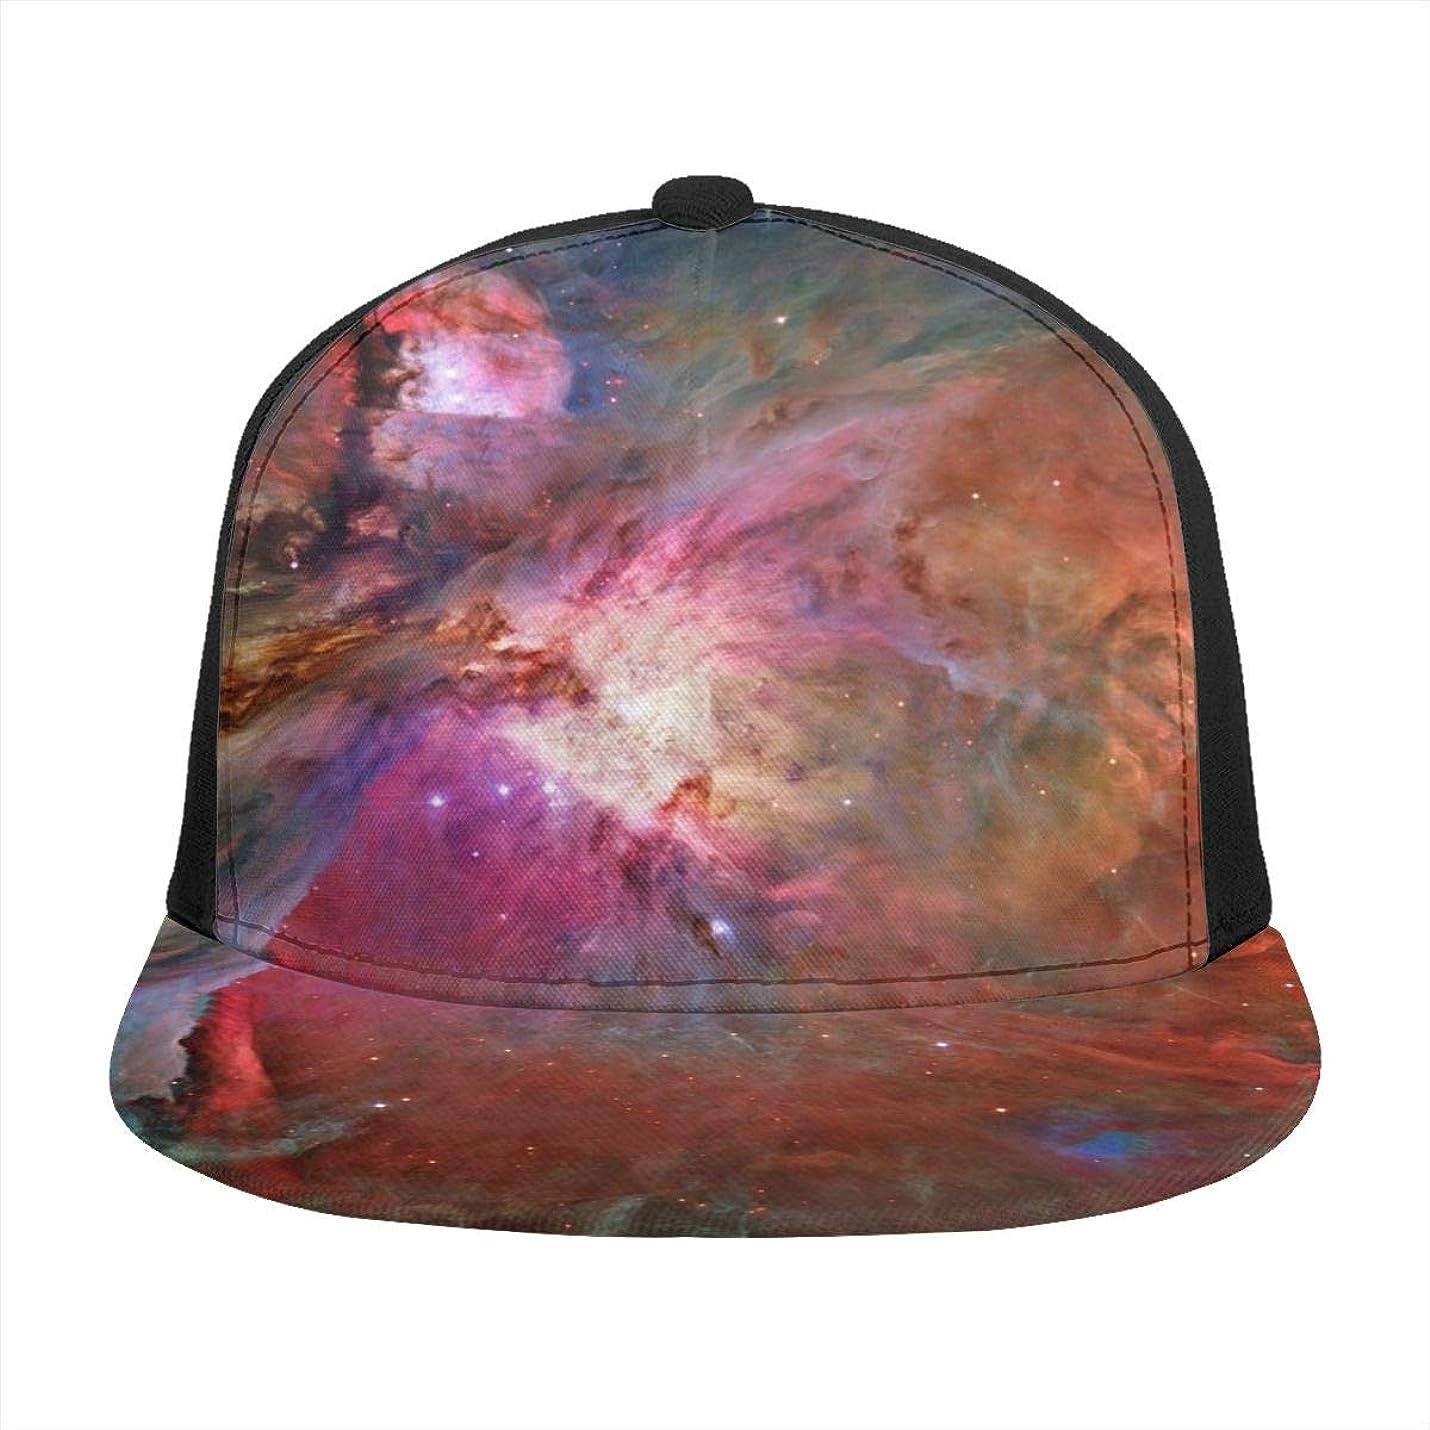 レッスンアパートパッケージオリオン星雲,orion Nebula フラットつばキャップ野球キャップサンシェードUV保護ゴルフテニス屋外釣りハイキング登山旅行調節可能なユニセックス